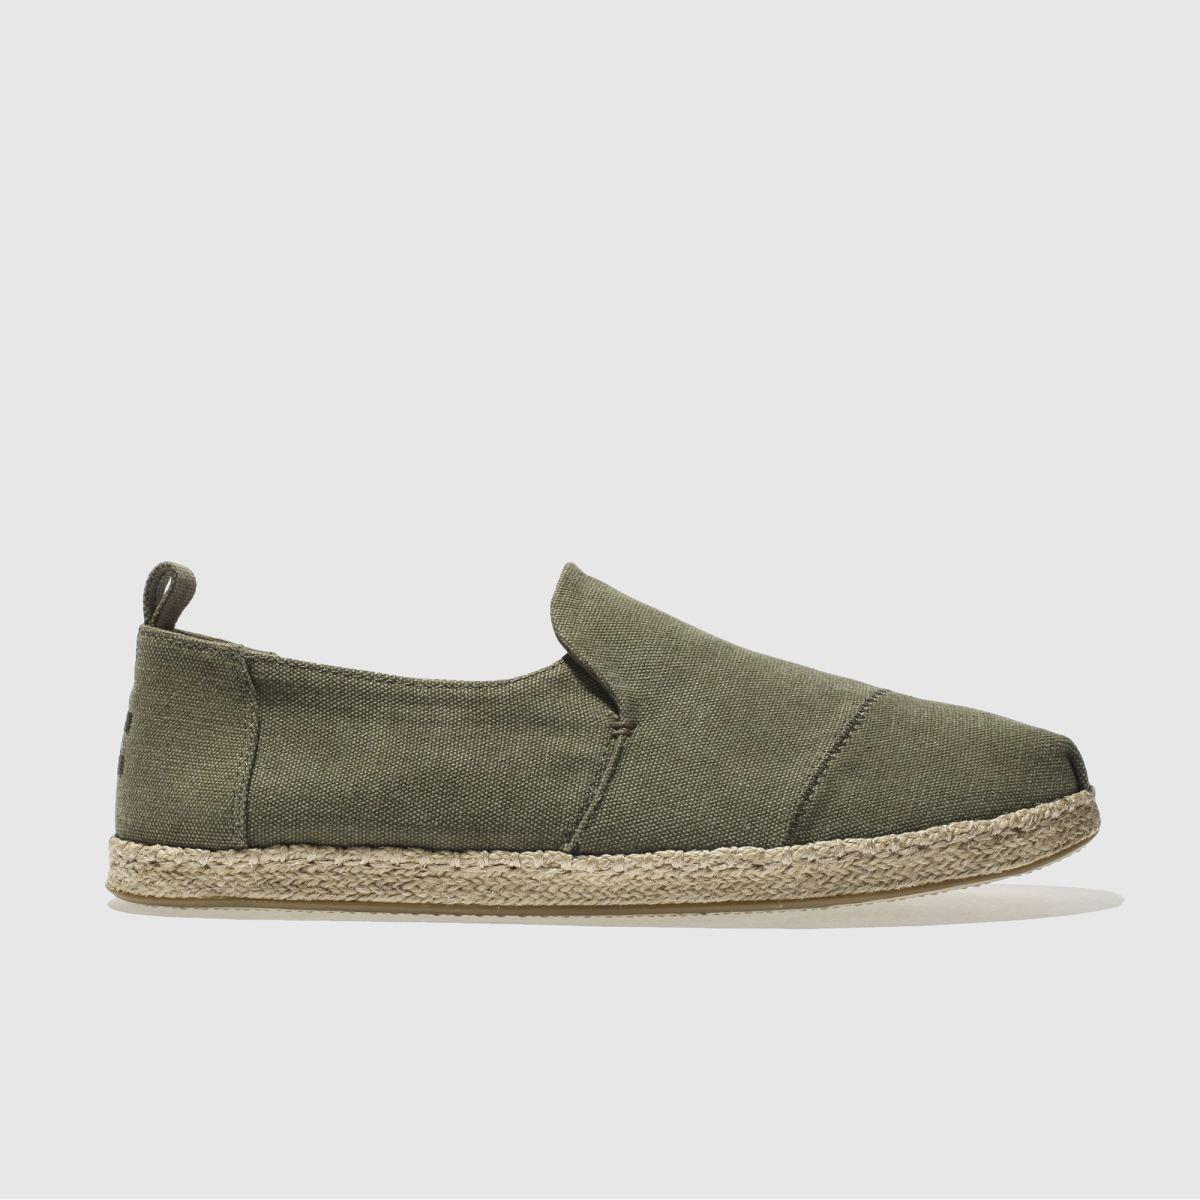 Toms Khaki Deconstructed Alpargata Shoes